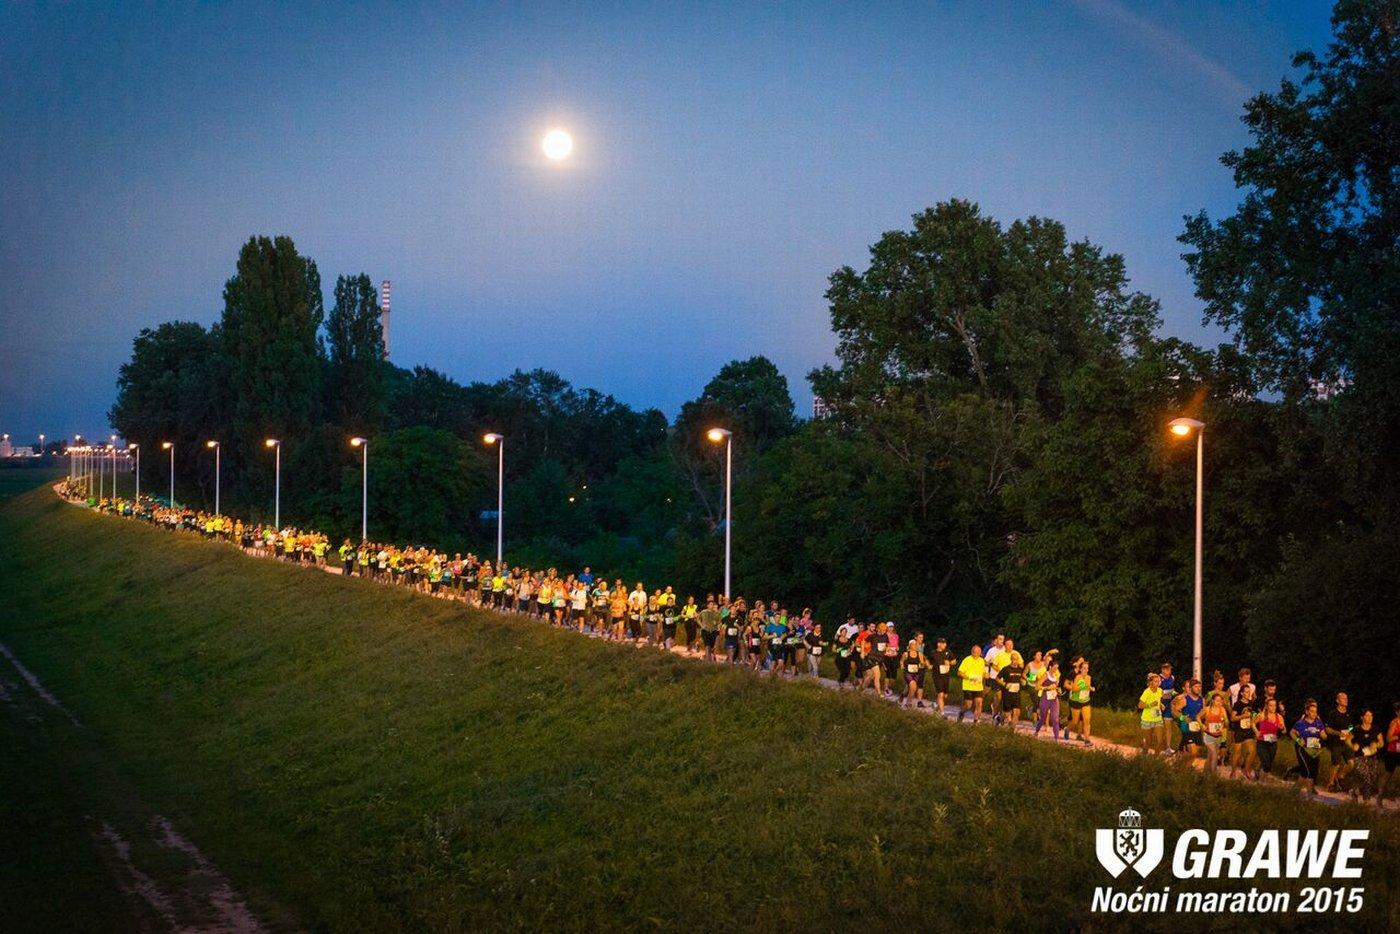 Fotografija 2_Trkači na GRAWE noćnom maratonu